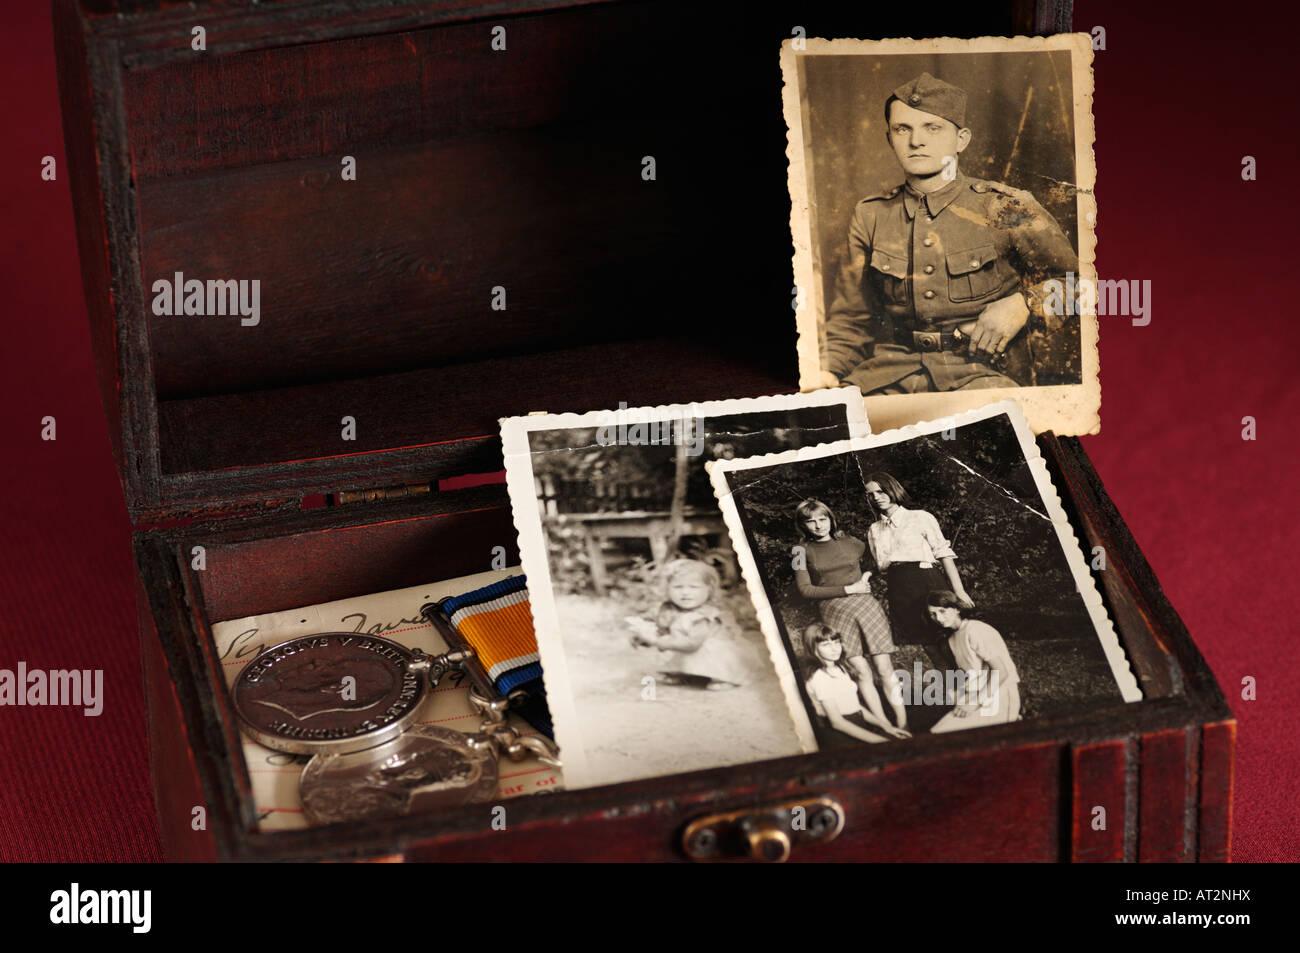 La nostalgie et les souvenirs d'une boîte de vieilles photos des médailles militaires et tous les Photo Stock